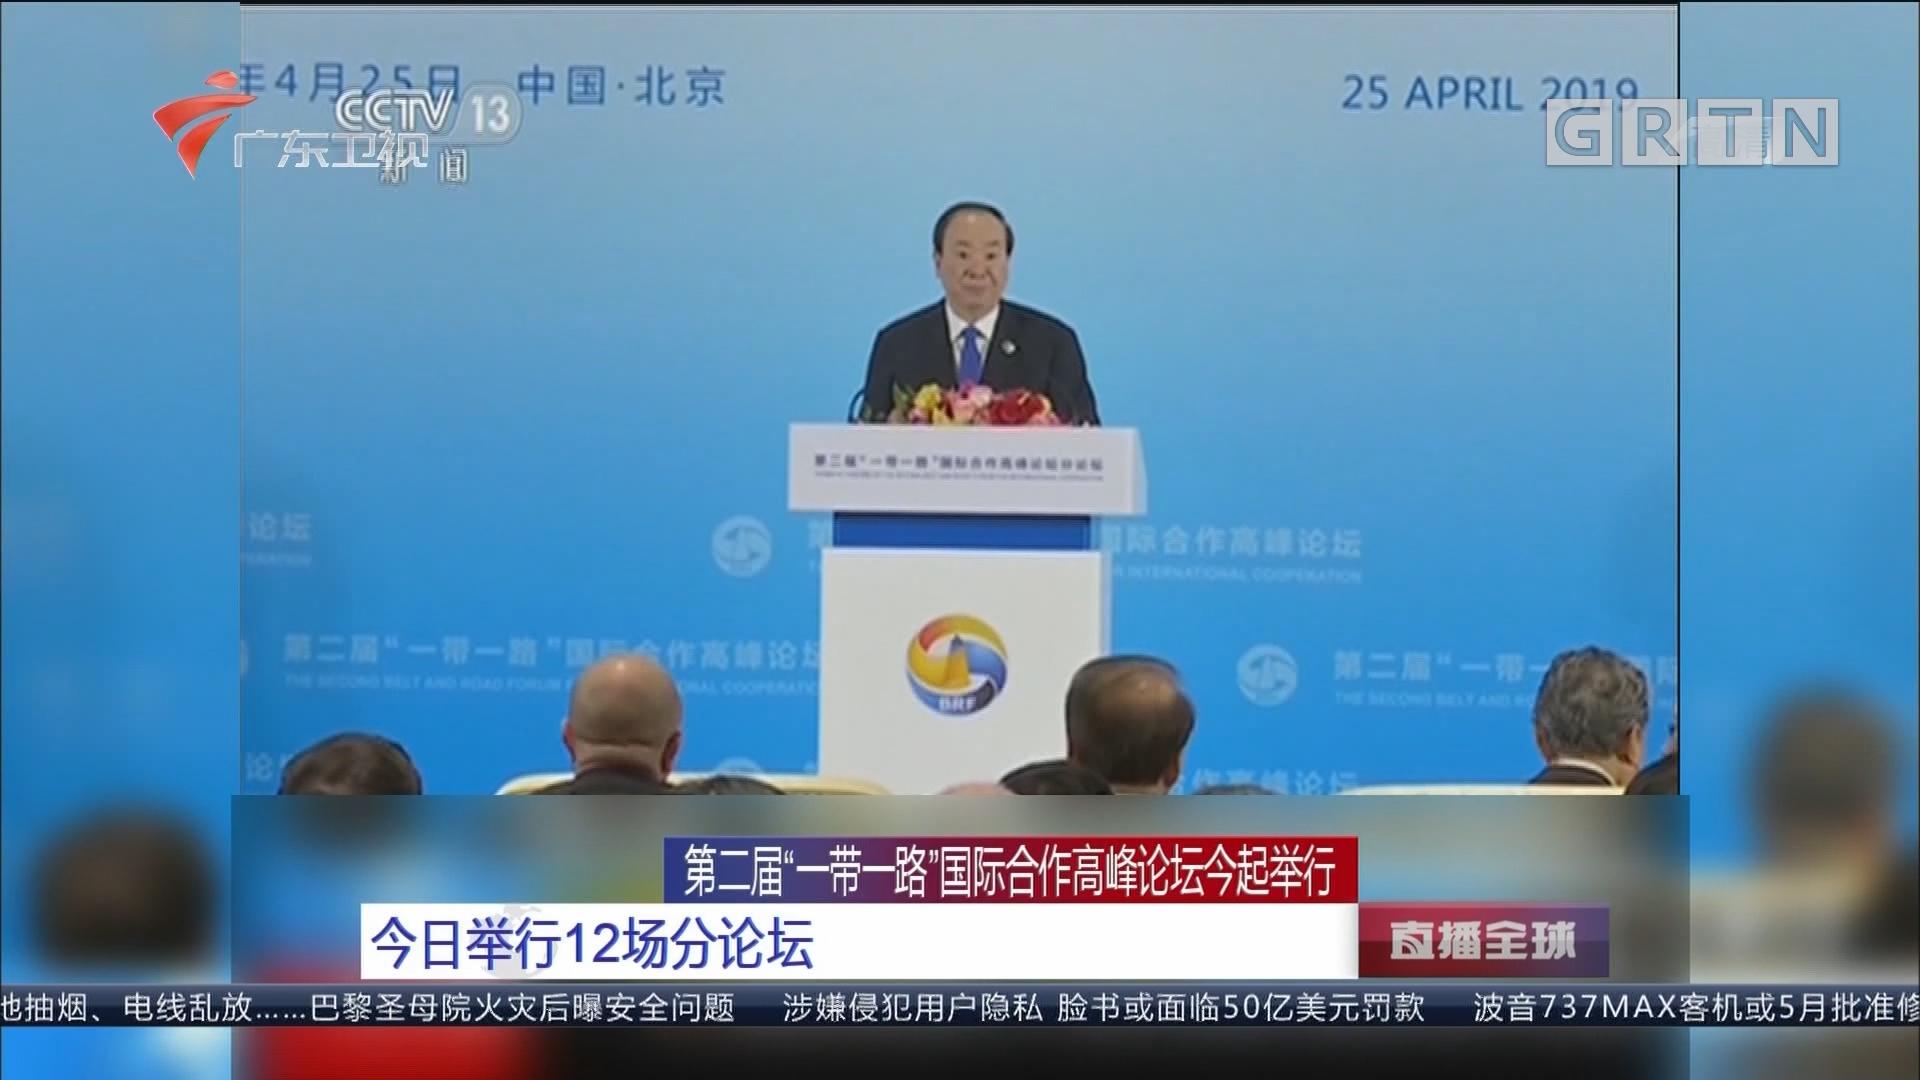 """第二届""""一带一路""""国际合作高峰论坛今起举行:今日举行12场分论坛"""